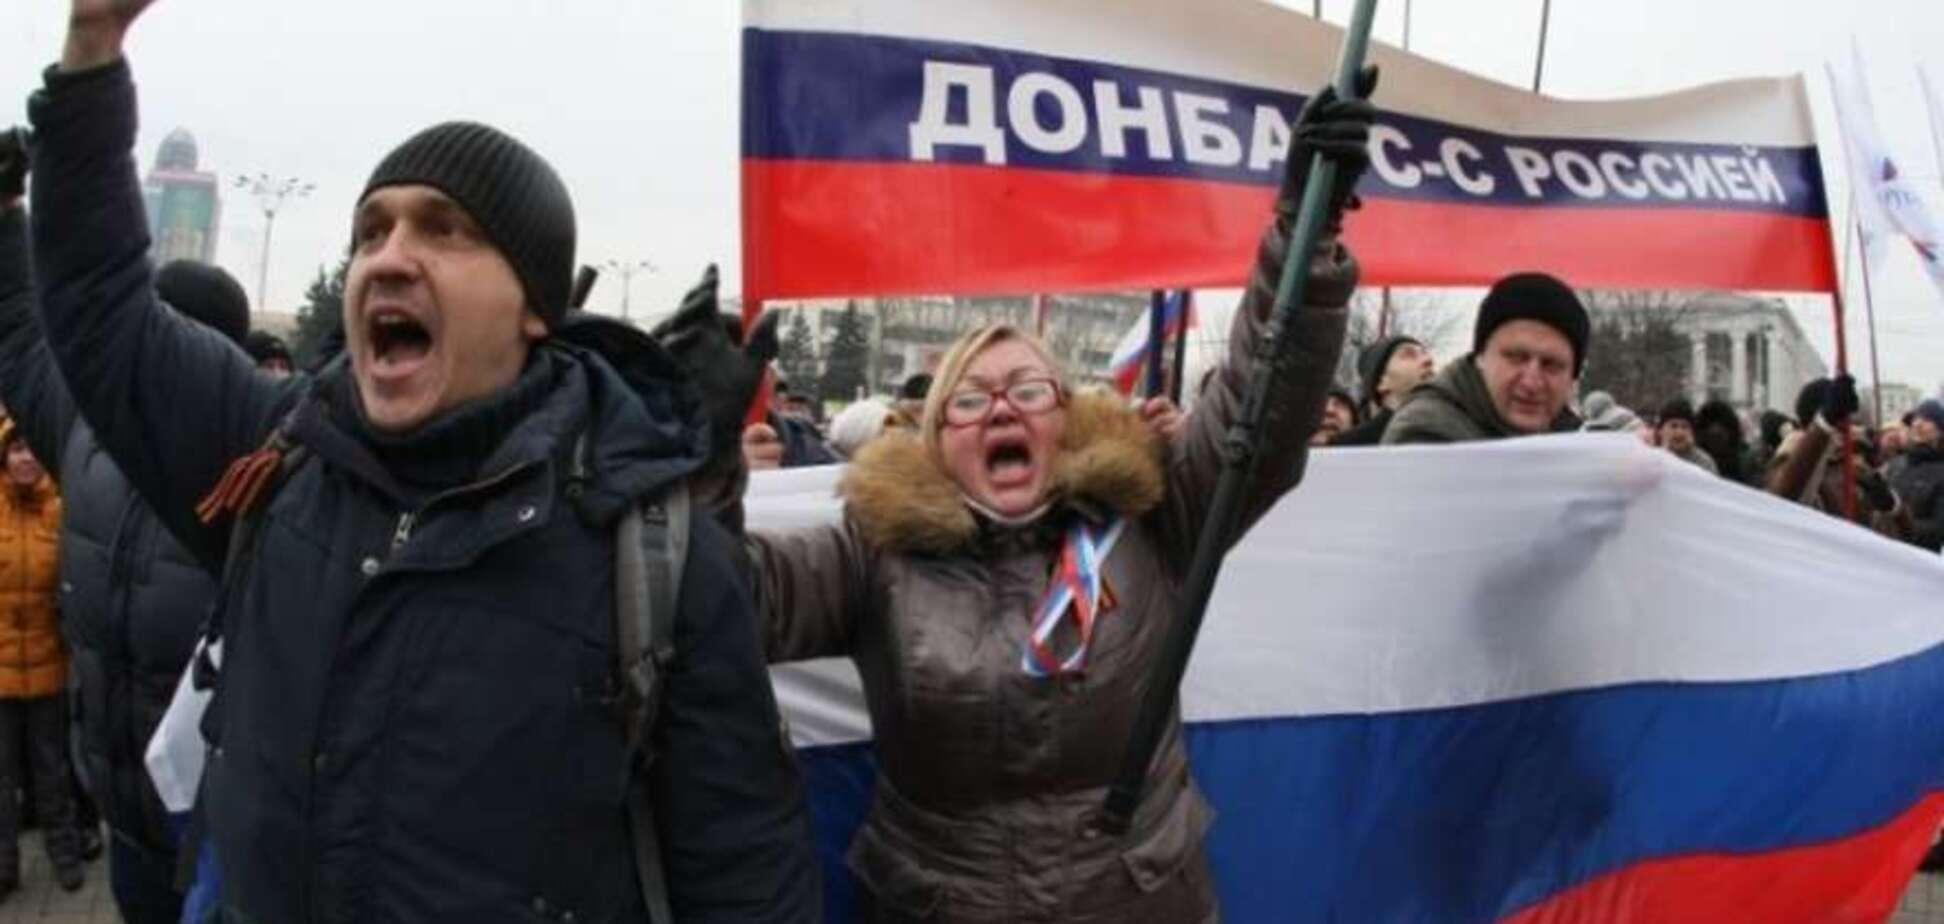 ''Закончат очень плохо'': Россию предупредили об ''ответке'' за оккупацию Украины